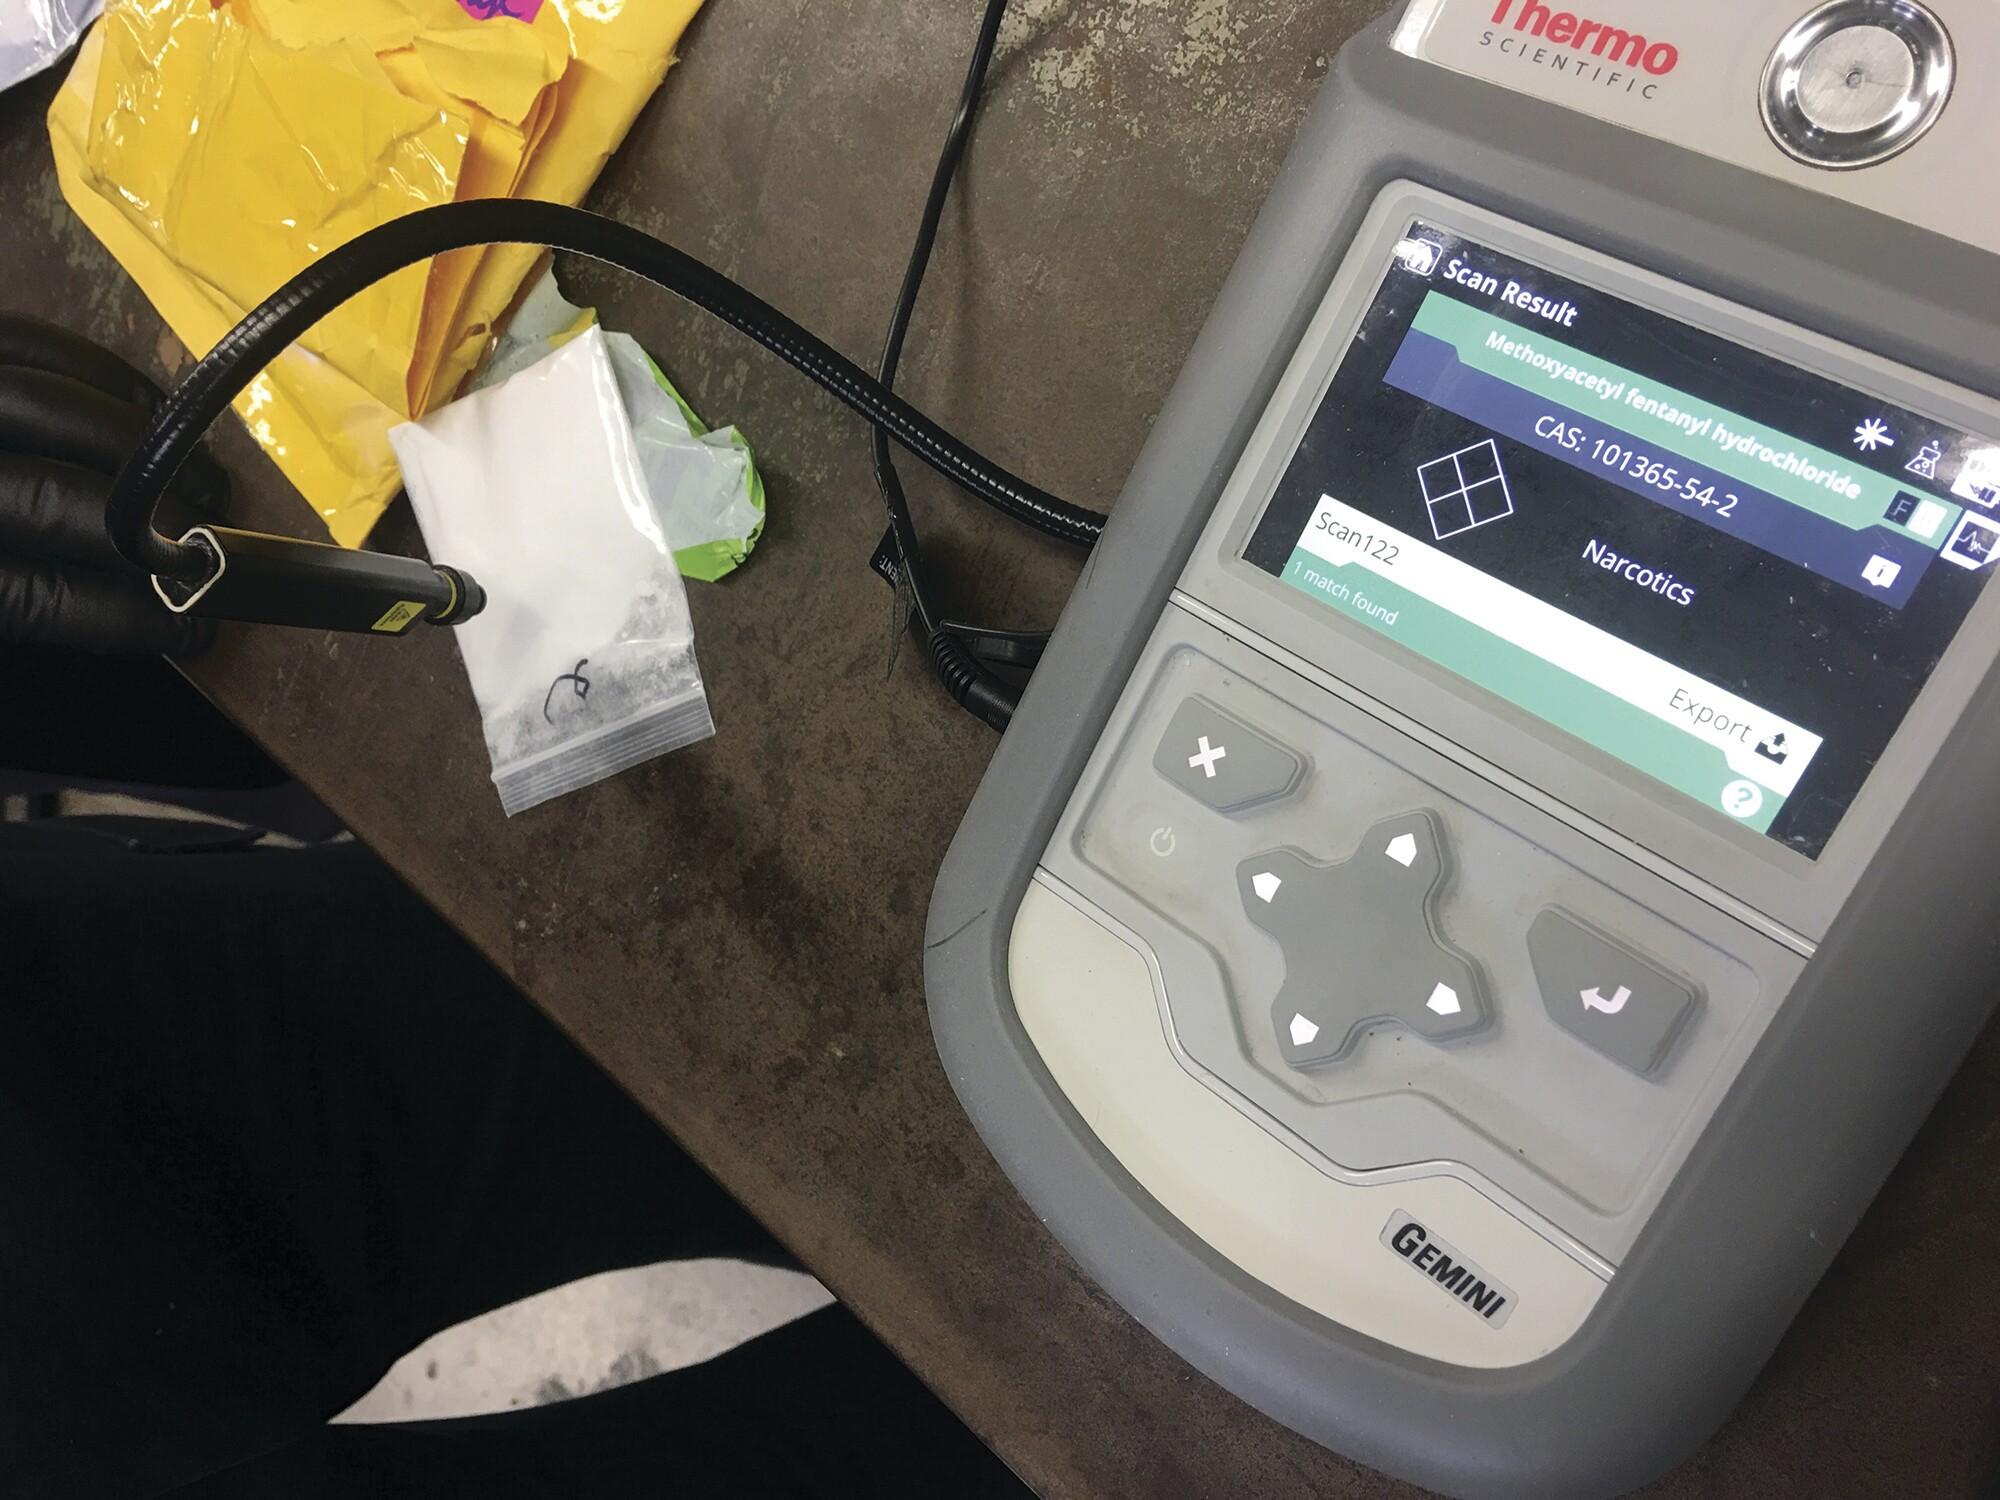 在过去几年中,港口已开始使用手持式数字工具测试物质并立即确定塑料袋内的物质。该机器可以让人员立即回答他们正在看的东西,防止他们打开行李并将自己暴露在危险物质中。